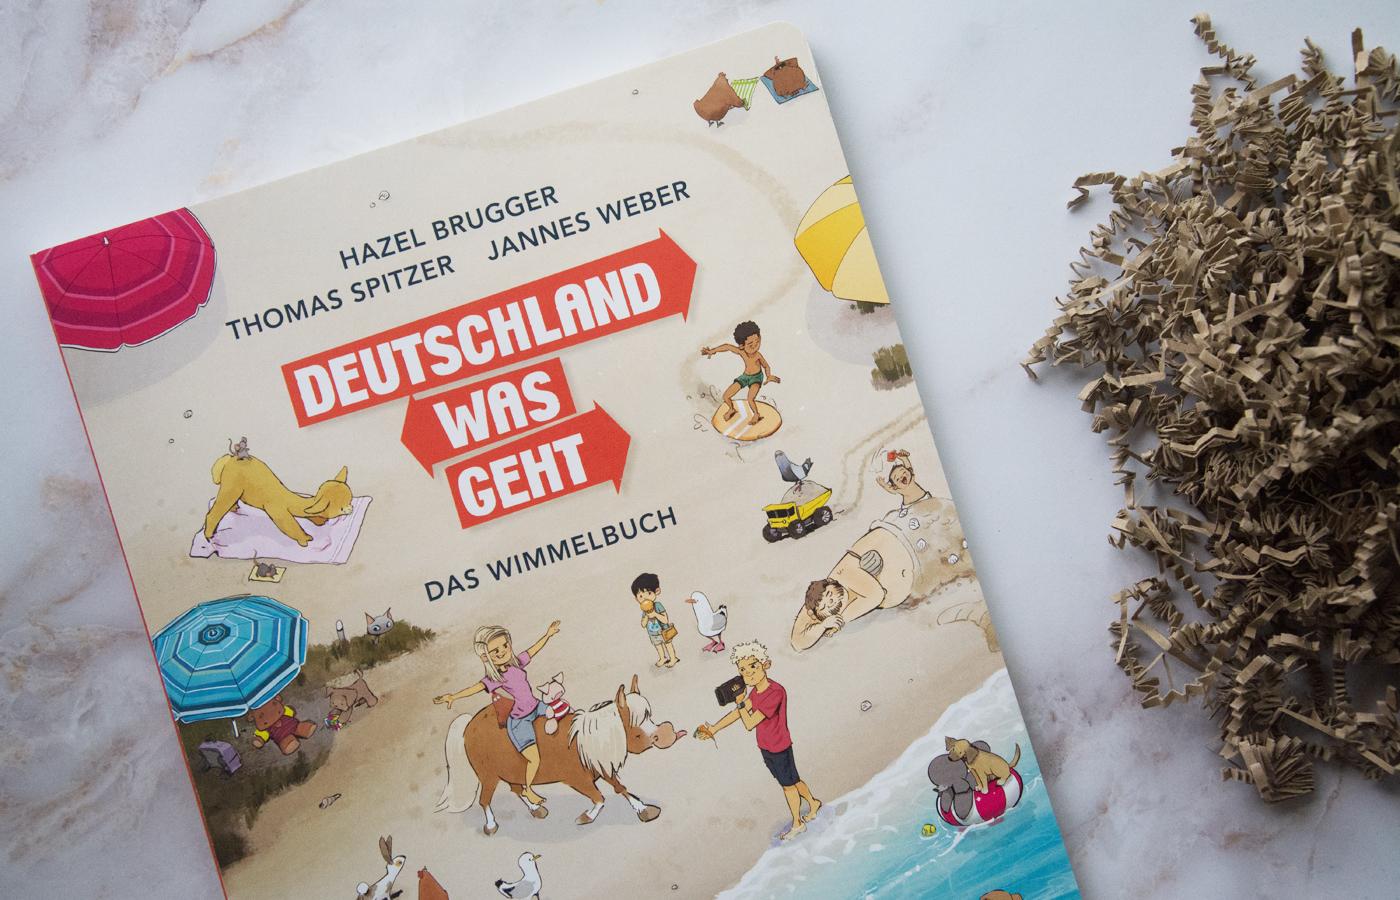 »Deutschland, was geht« von Hazel Brugger, Thomas Spitzer & Jannes Weber